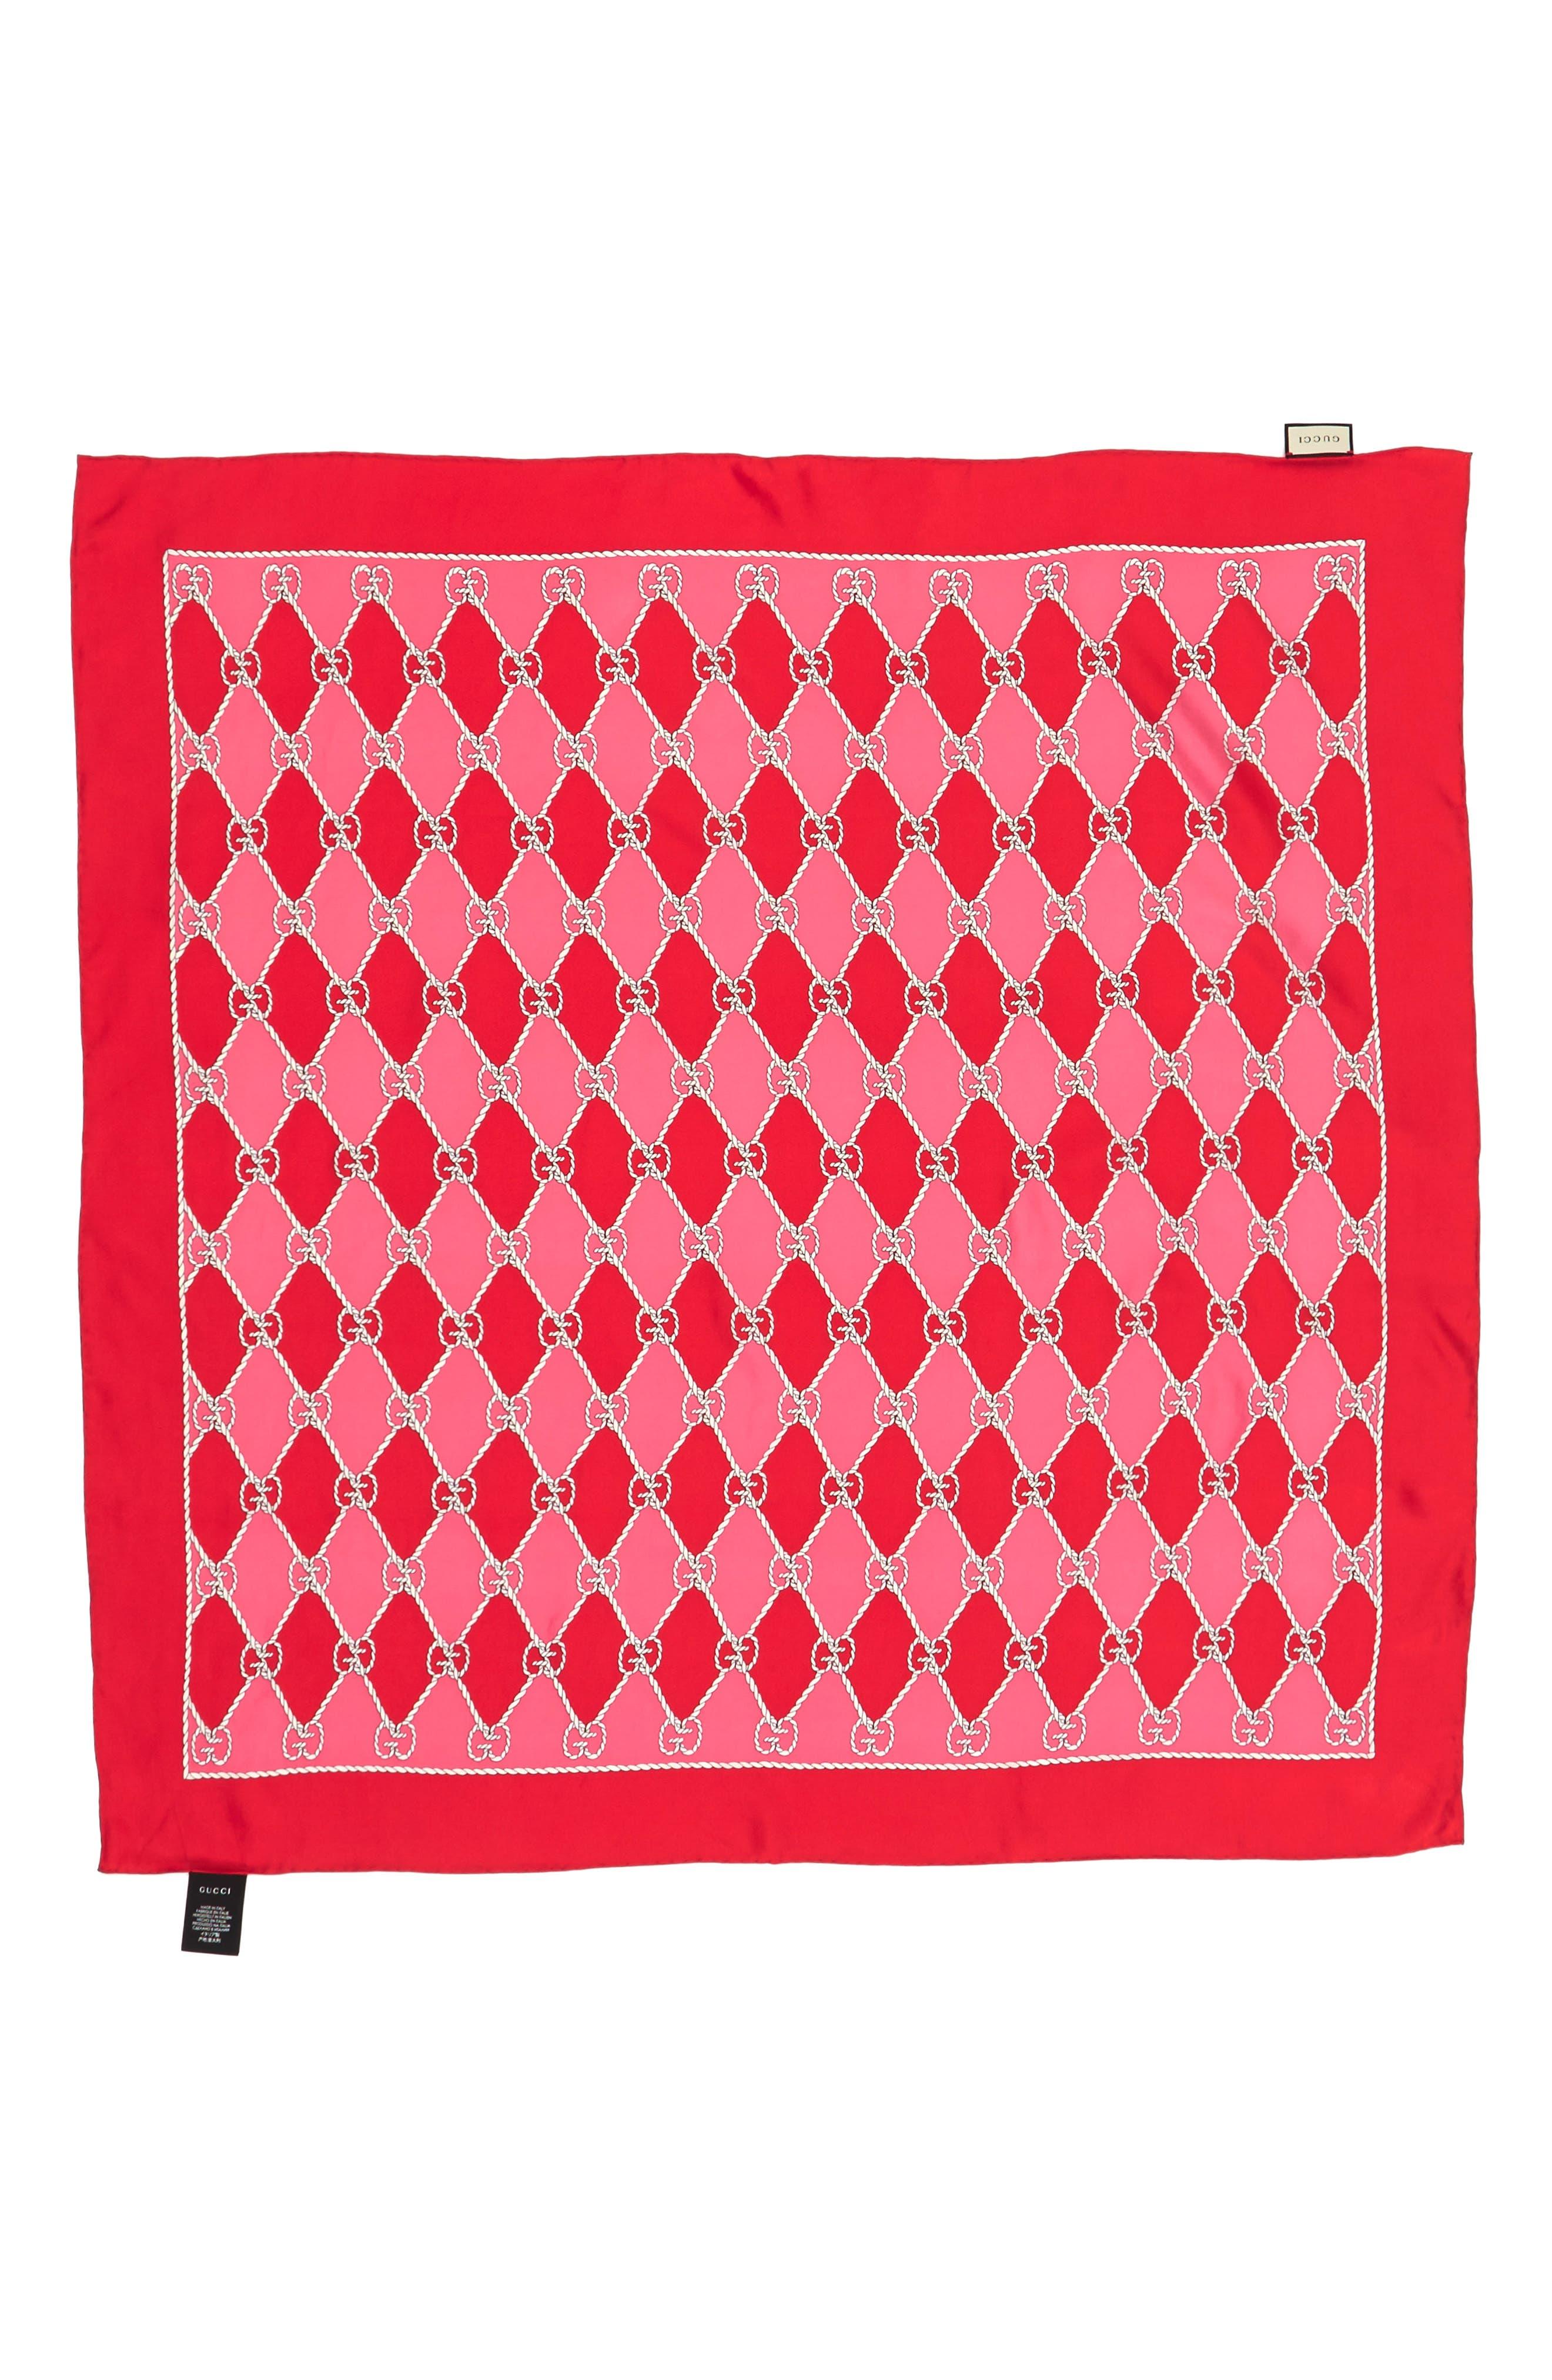 Gucci Rhombus Chane Square Foulard Silk Scarf